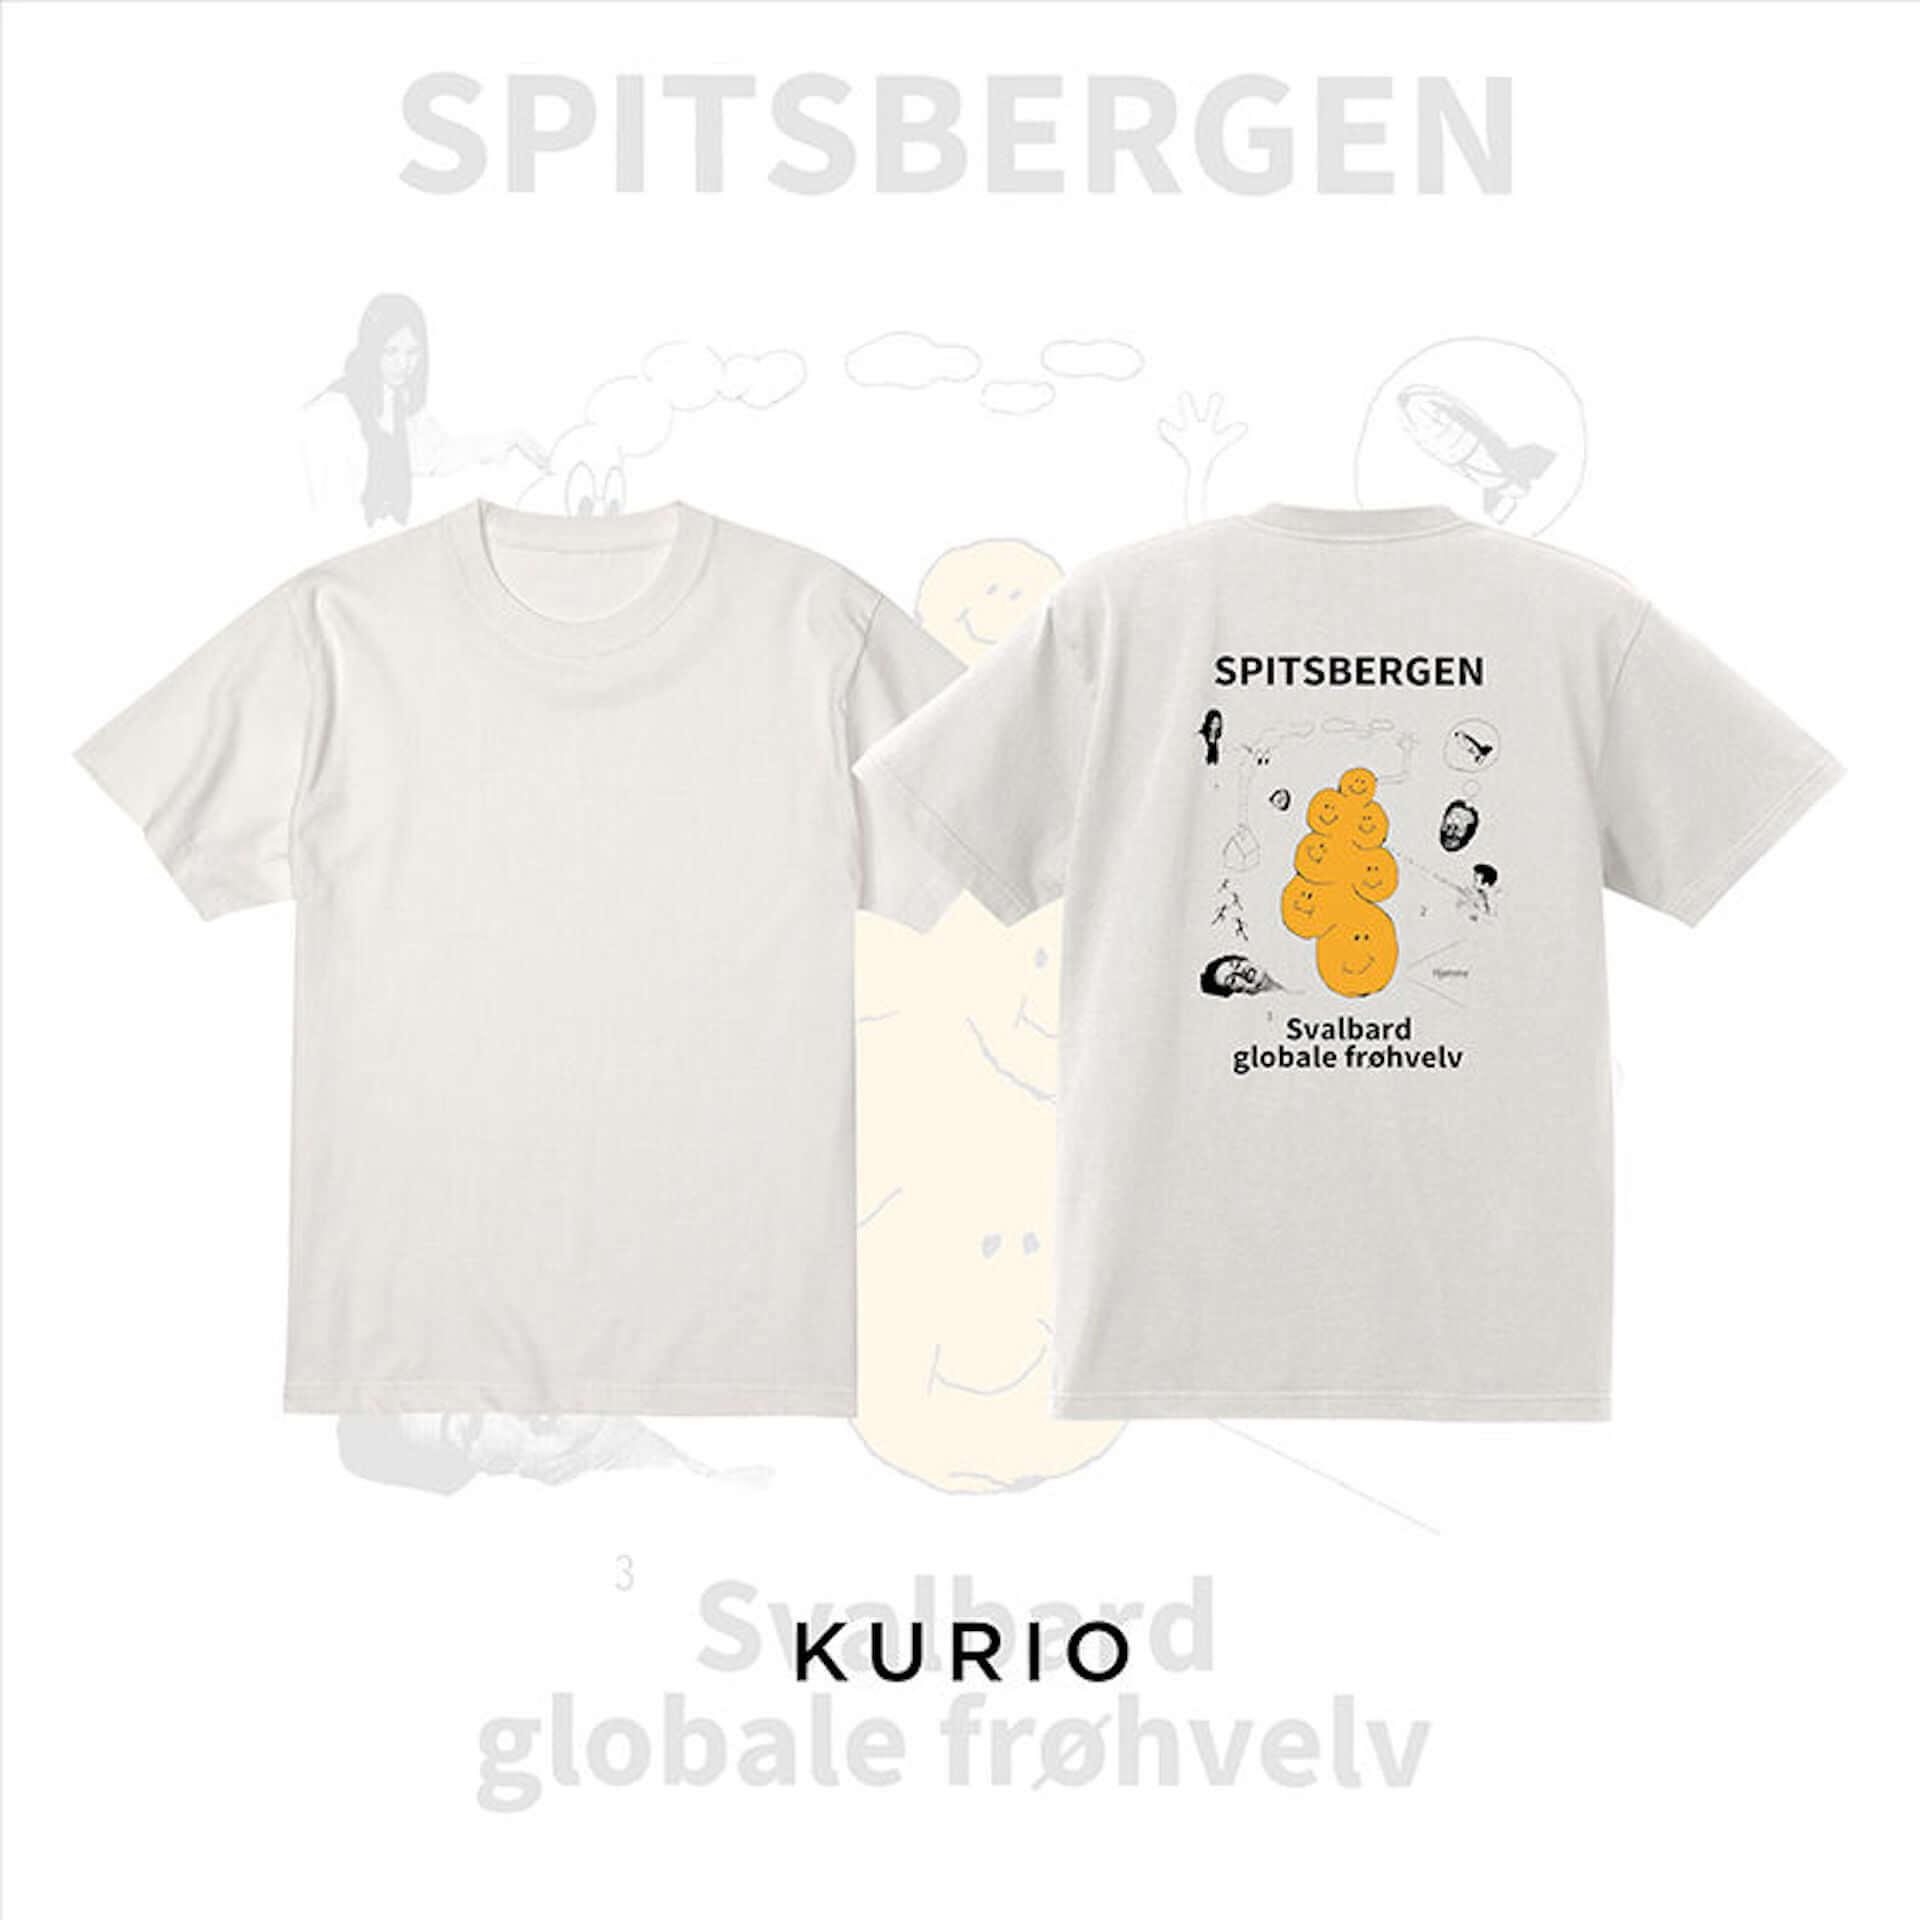 札幌の重要ベニュー・PROVOから新たなデザインTシャツがリリース|YOSHIROTTEN、KURiOら5名が参加 music200610_sapporo_provo_5-1920x1920